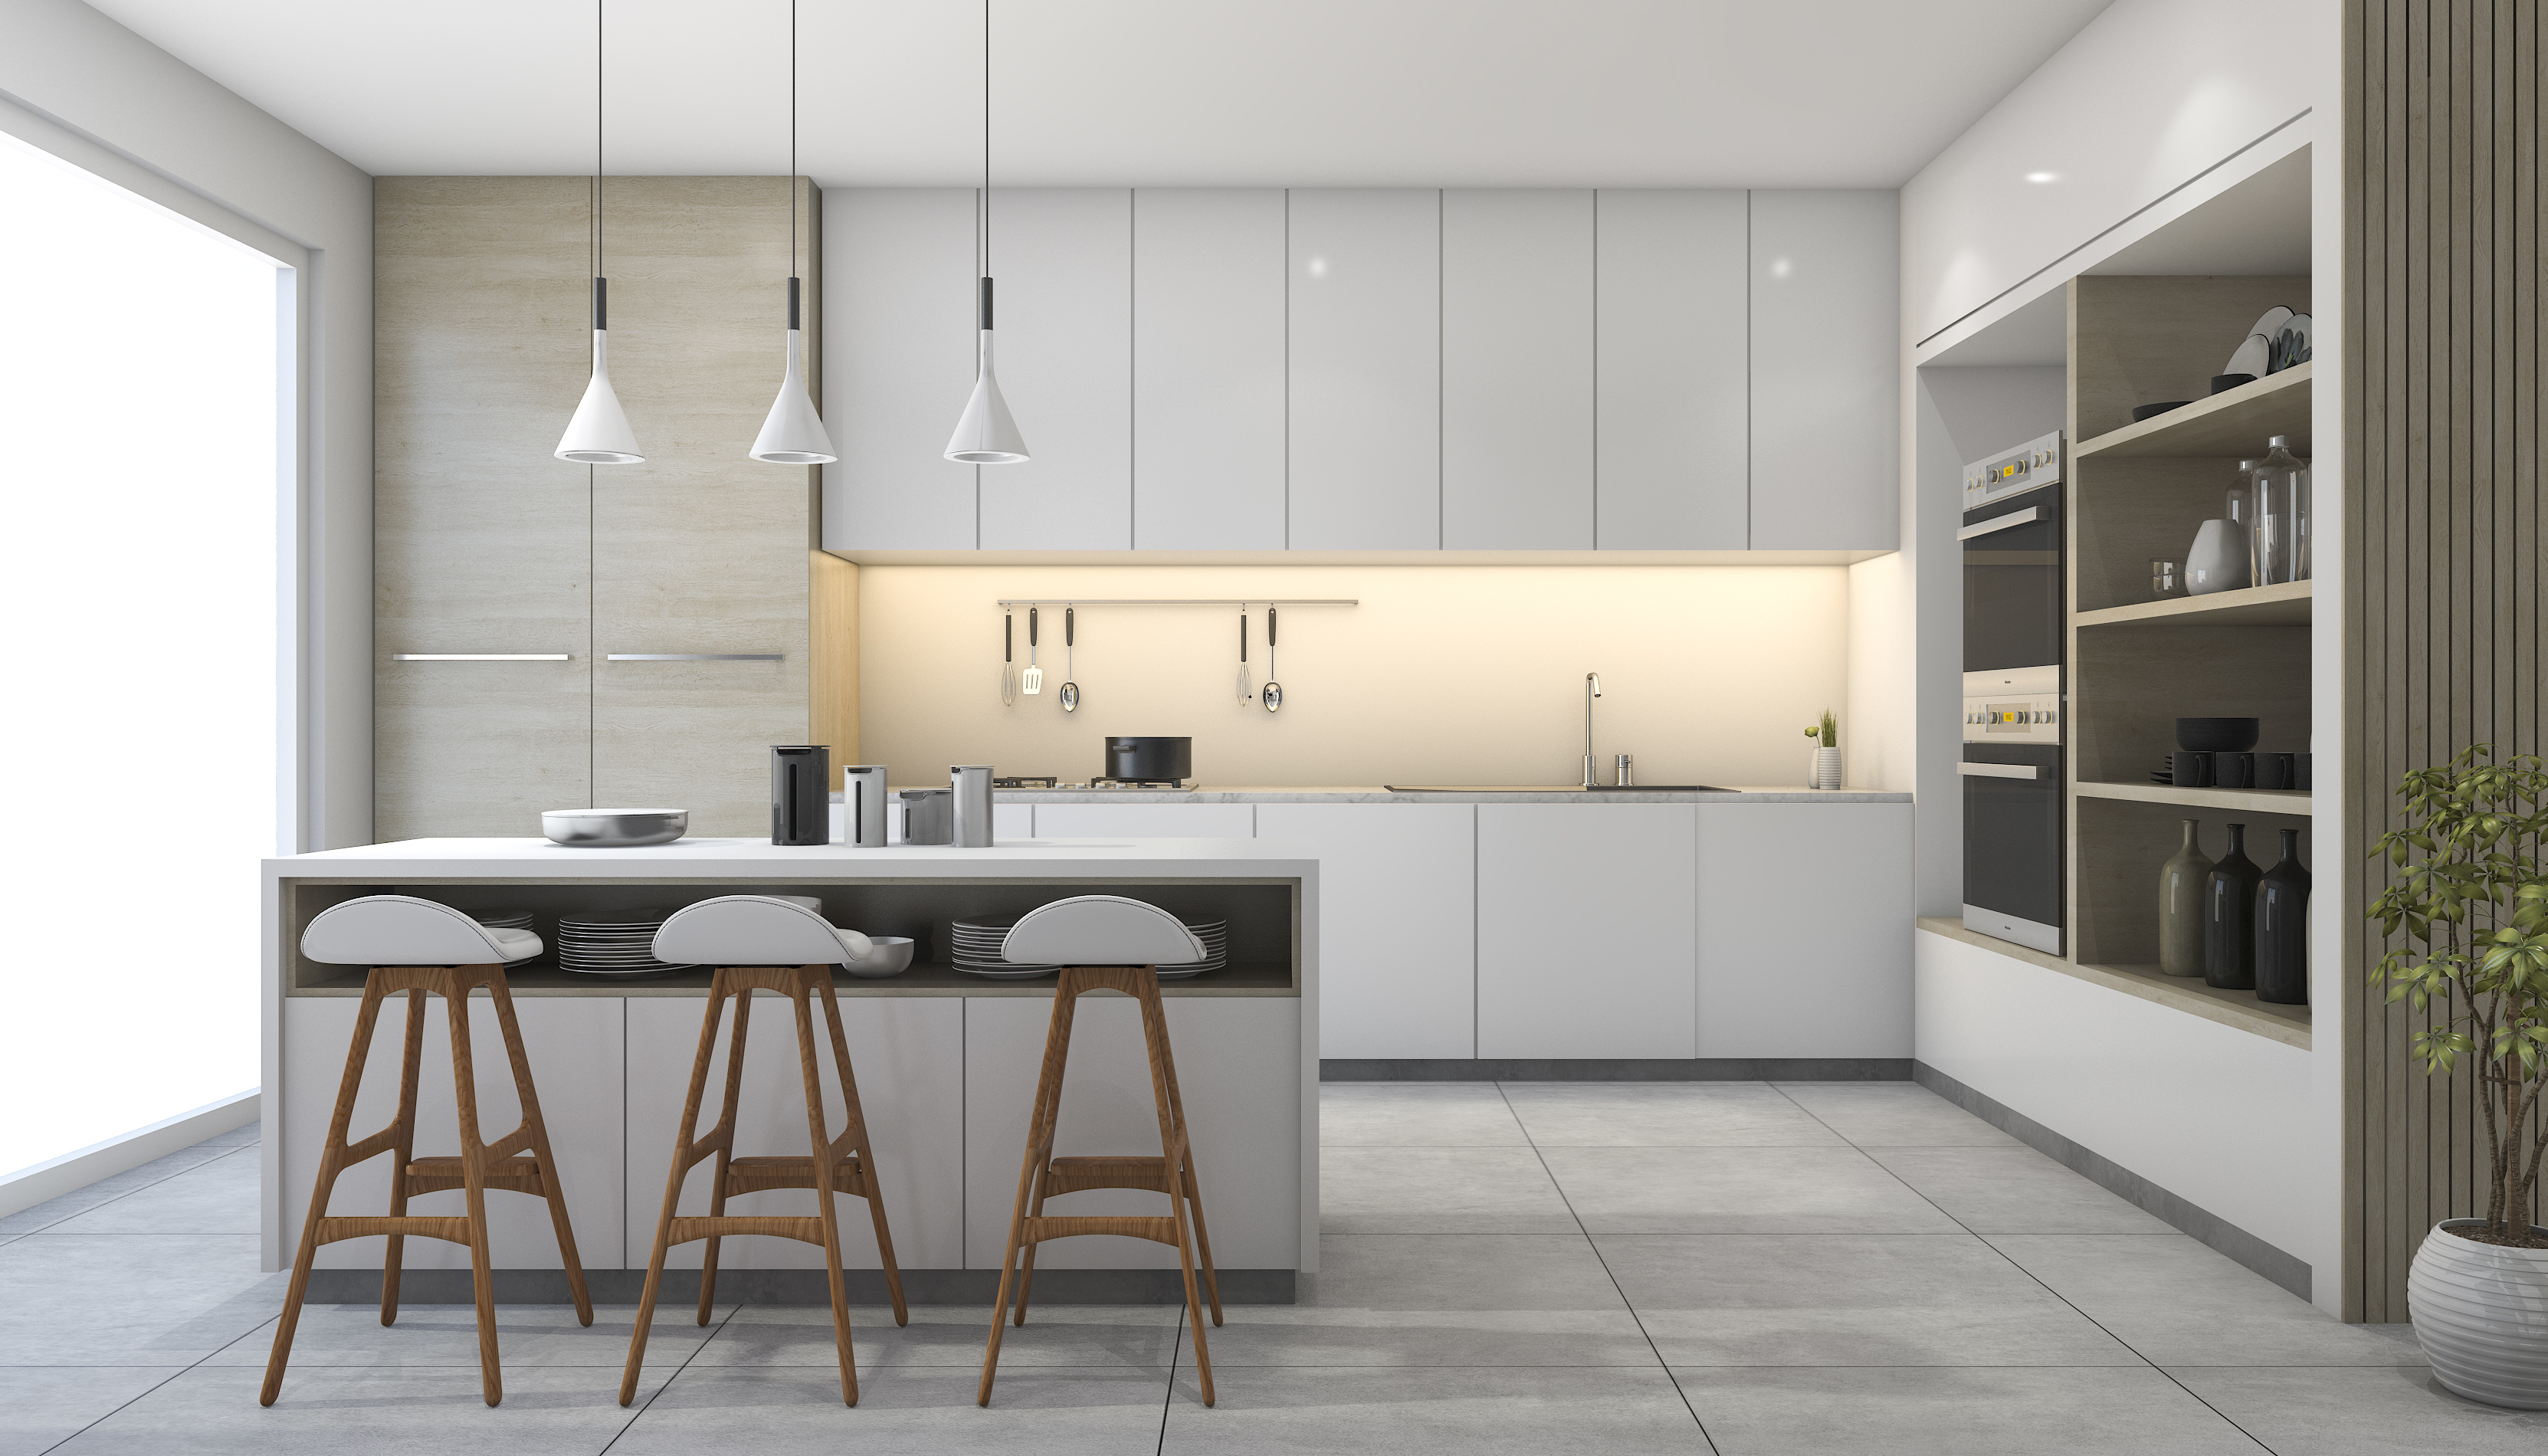 Mẫu thiết kế phòng bếp nhà biệt thự cao cấp phong cách Scandinavia